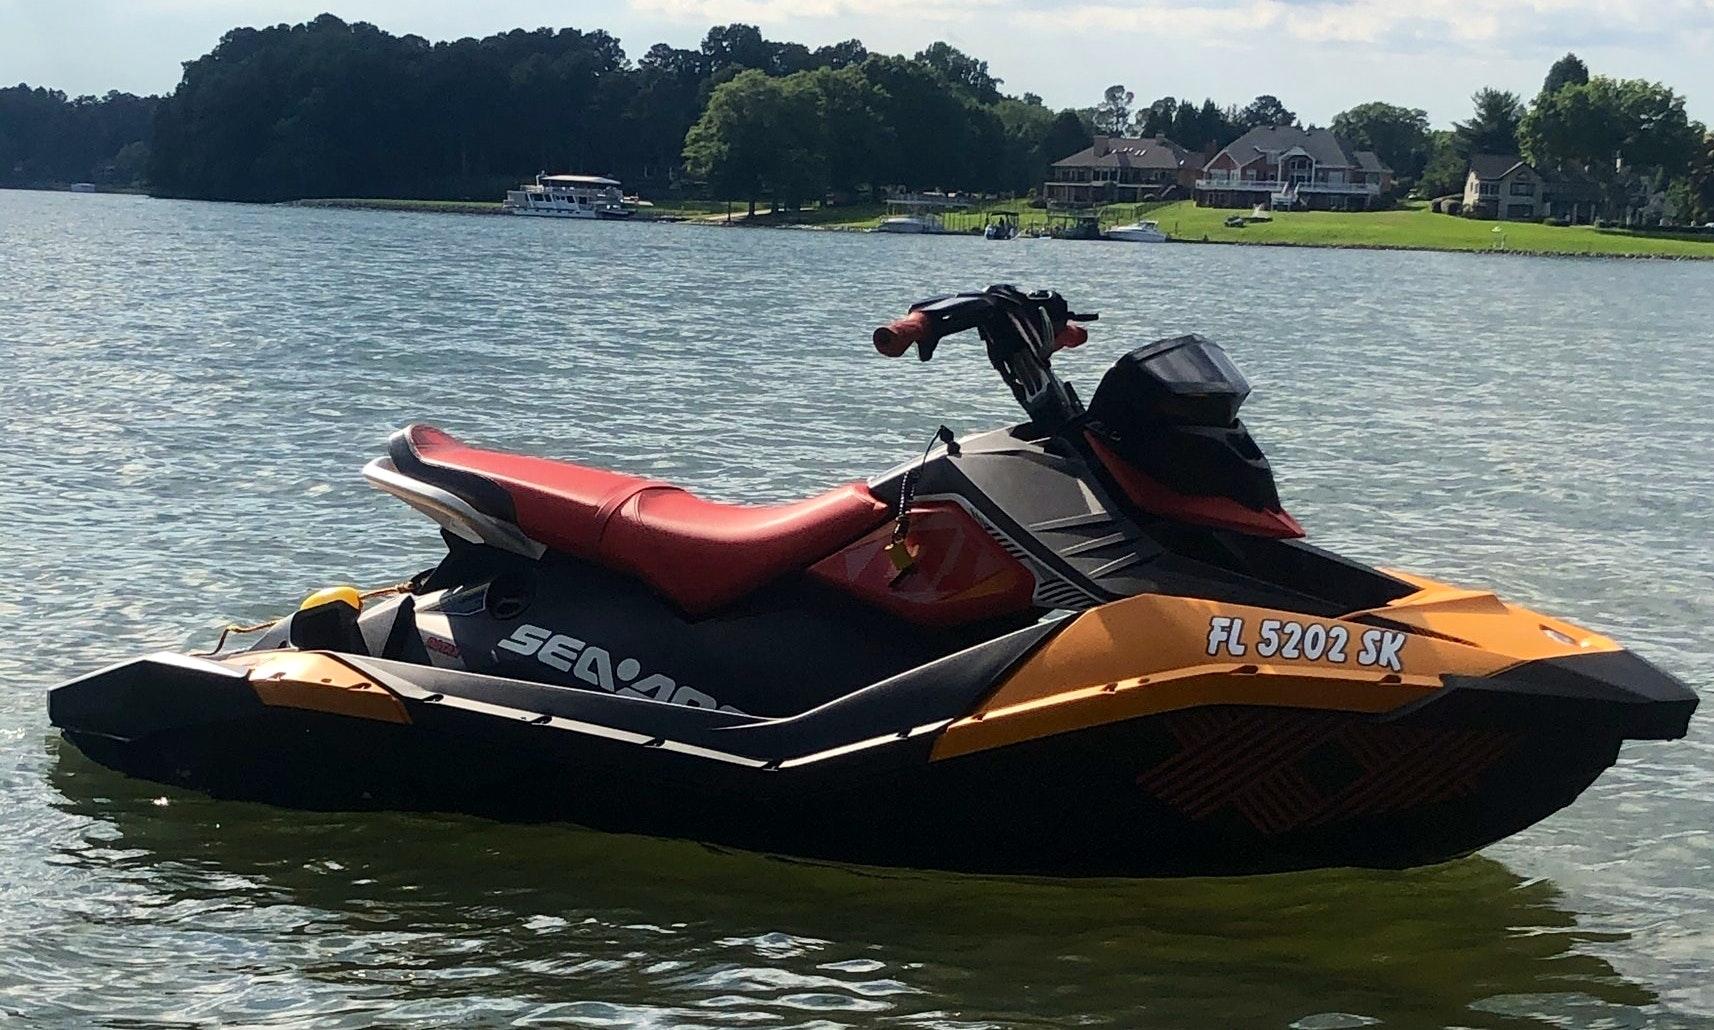 Super Fun SeaDoo Jet Skis for Rent On Lake Lanier ...